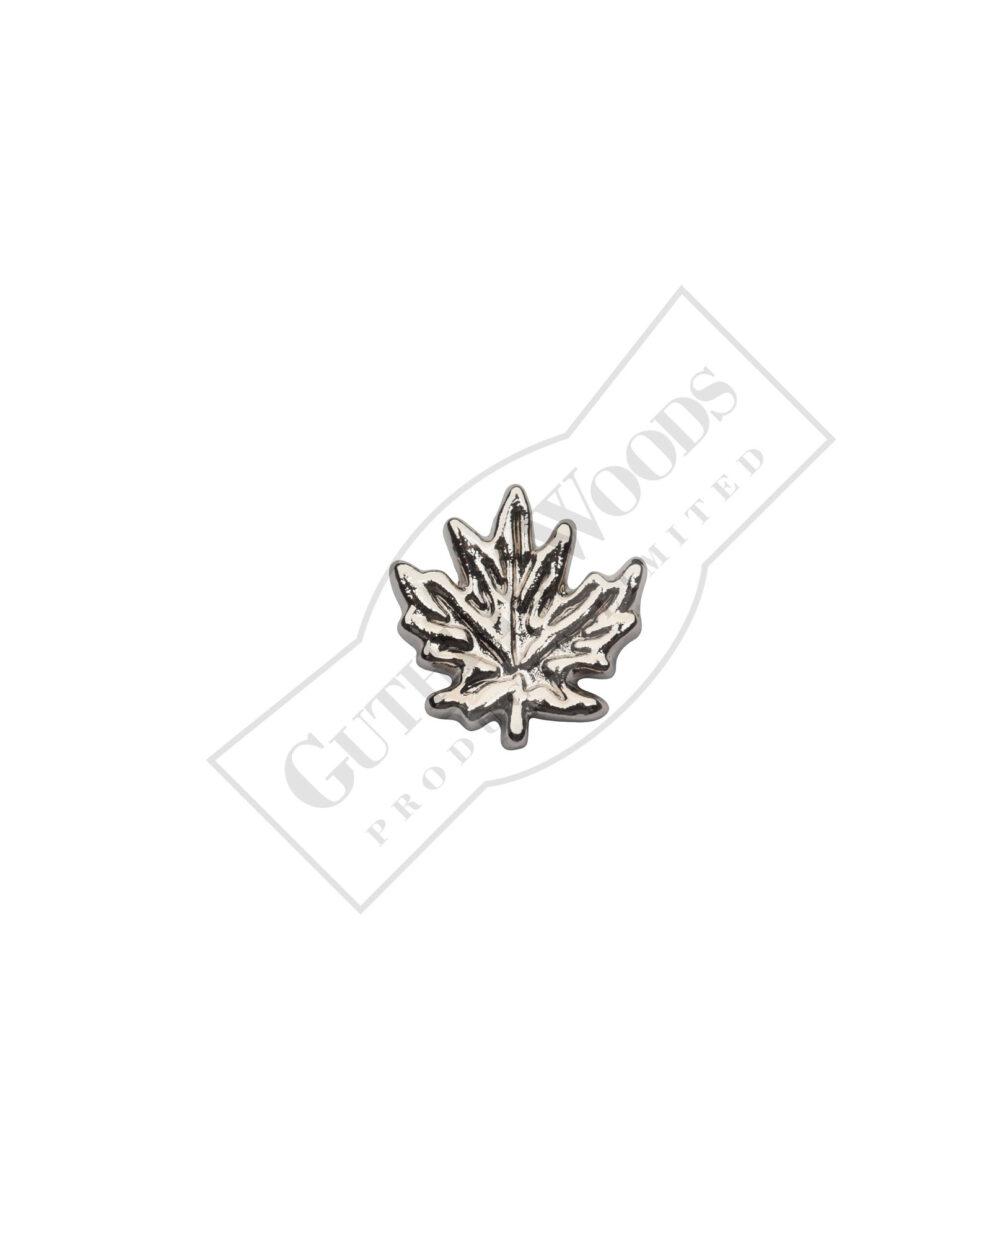 Canadian Volunteer Service Medal (leaf) - Undress Ribbon Devices #247-CVSM